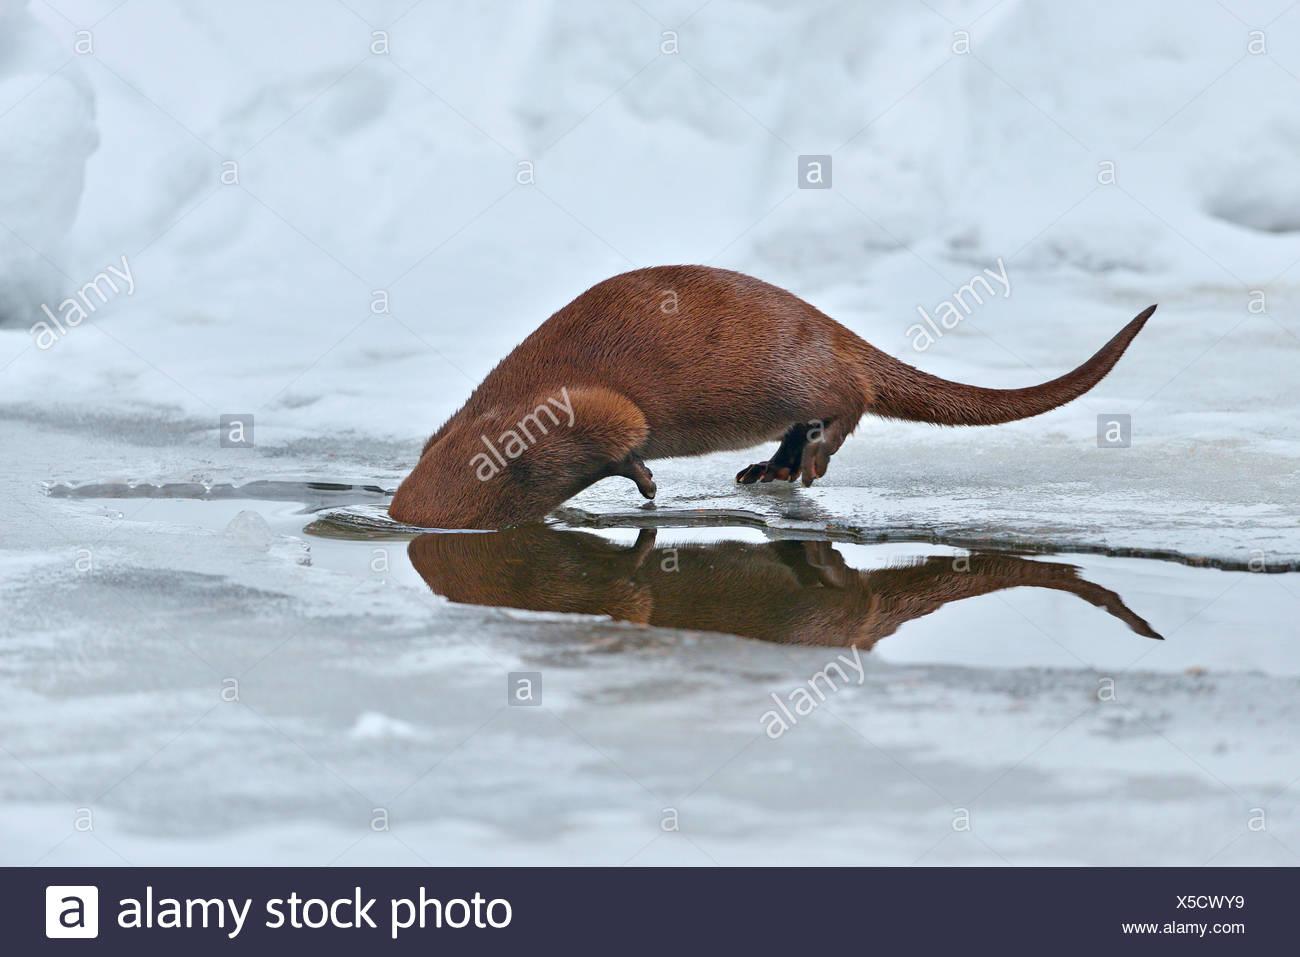 European river otter, European Otter, Eurasian Otter (Lutra lutra), submerging, Germany, Bavaria, Bavarian Forest National Park Stock Photo